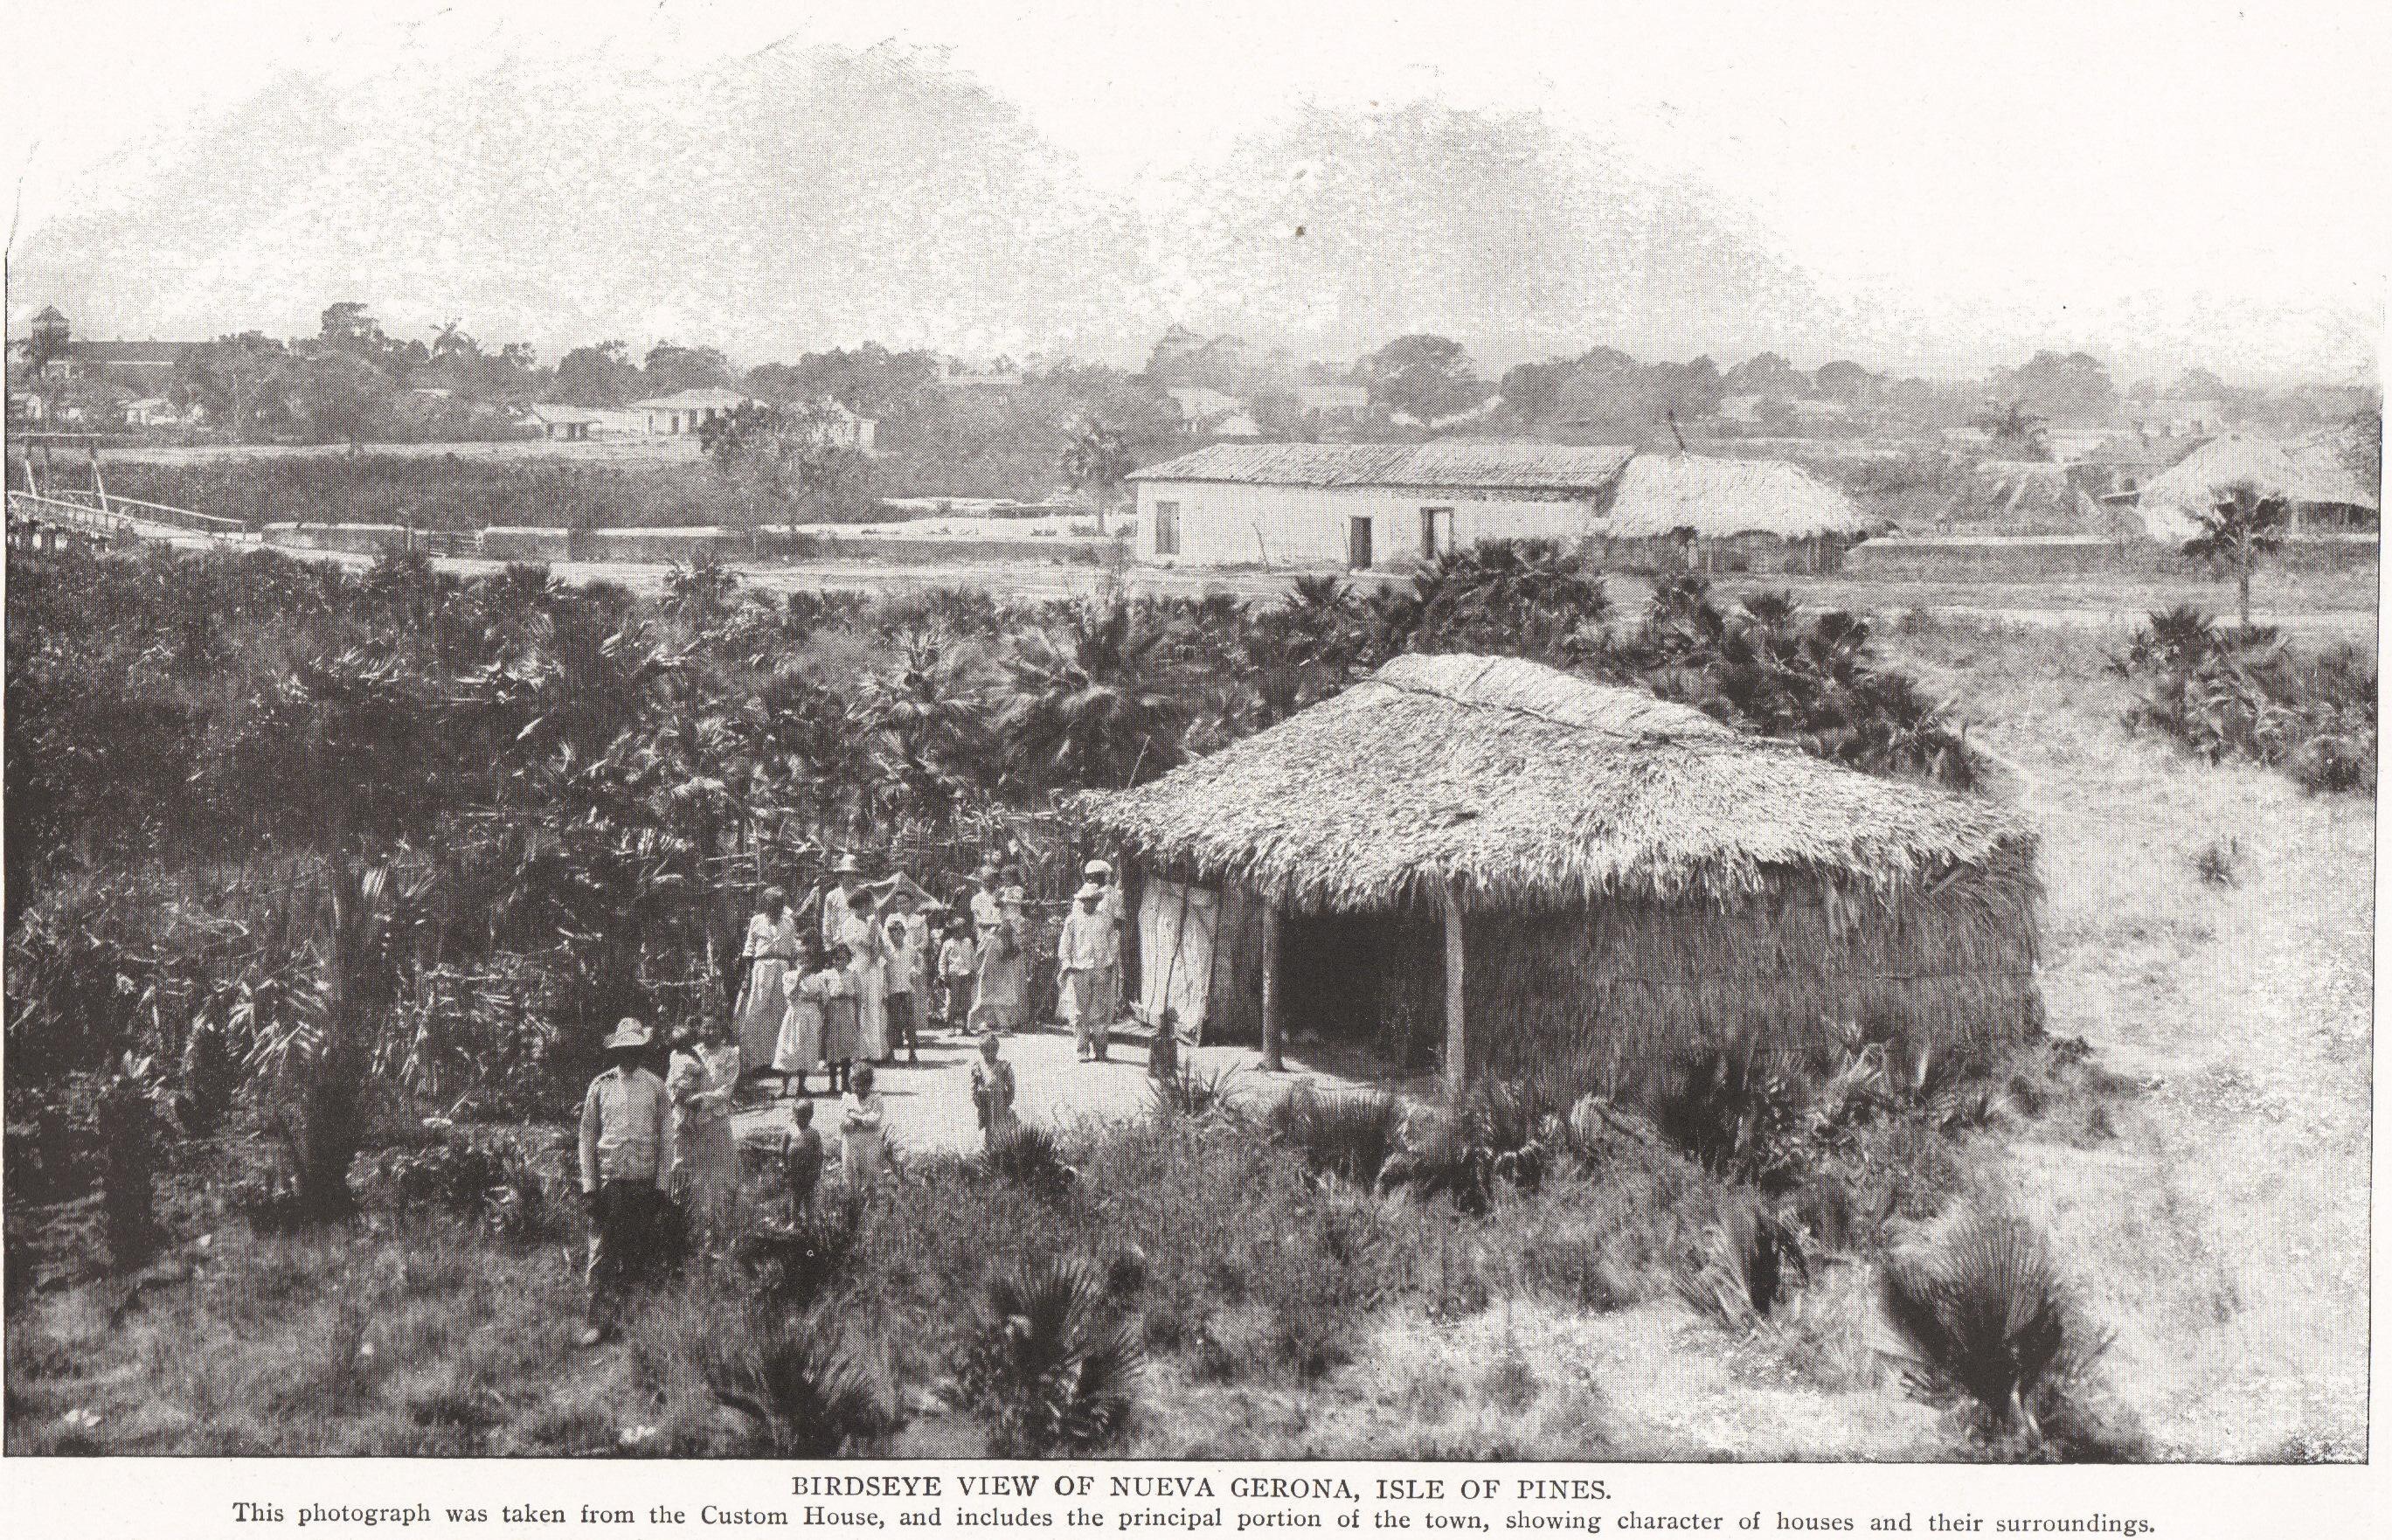 BIRDSEYE VIEW OF NUEVA GERONA, ISLE OF PINES (ISLA DE LA JUVENTUD), CUBA